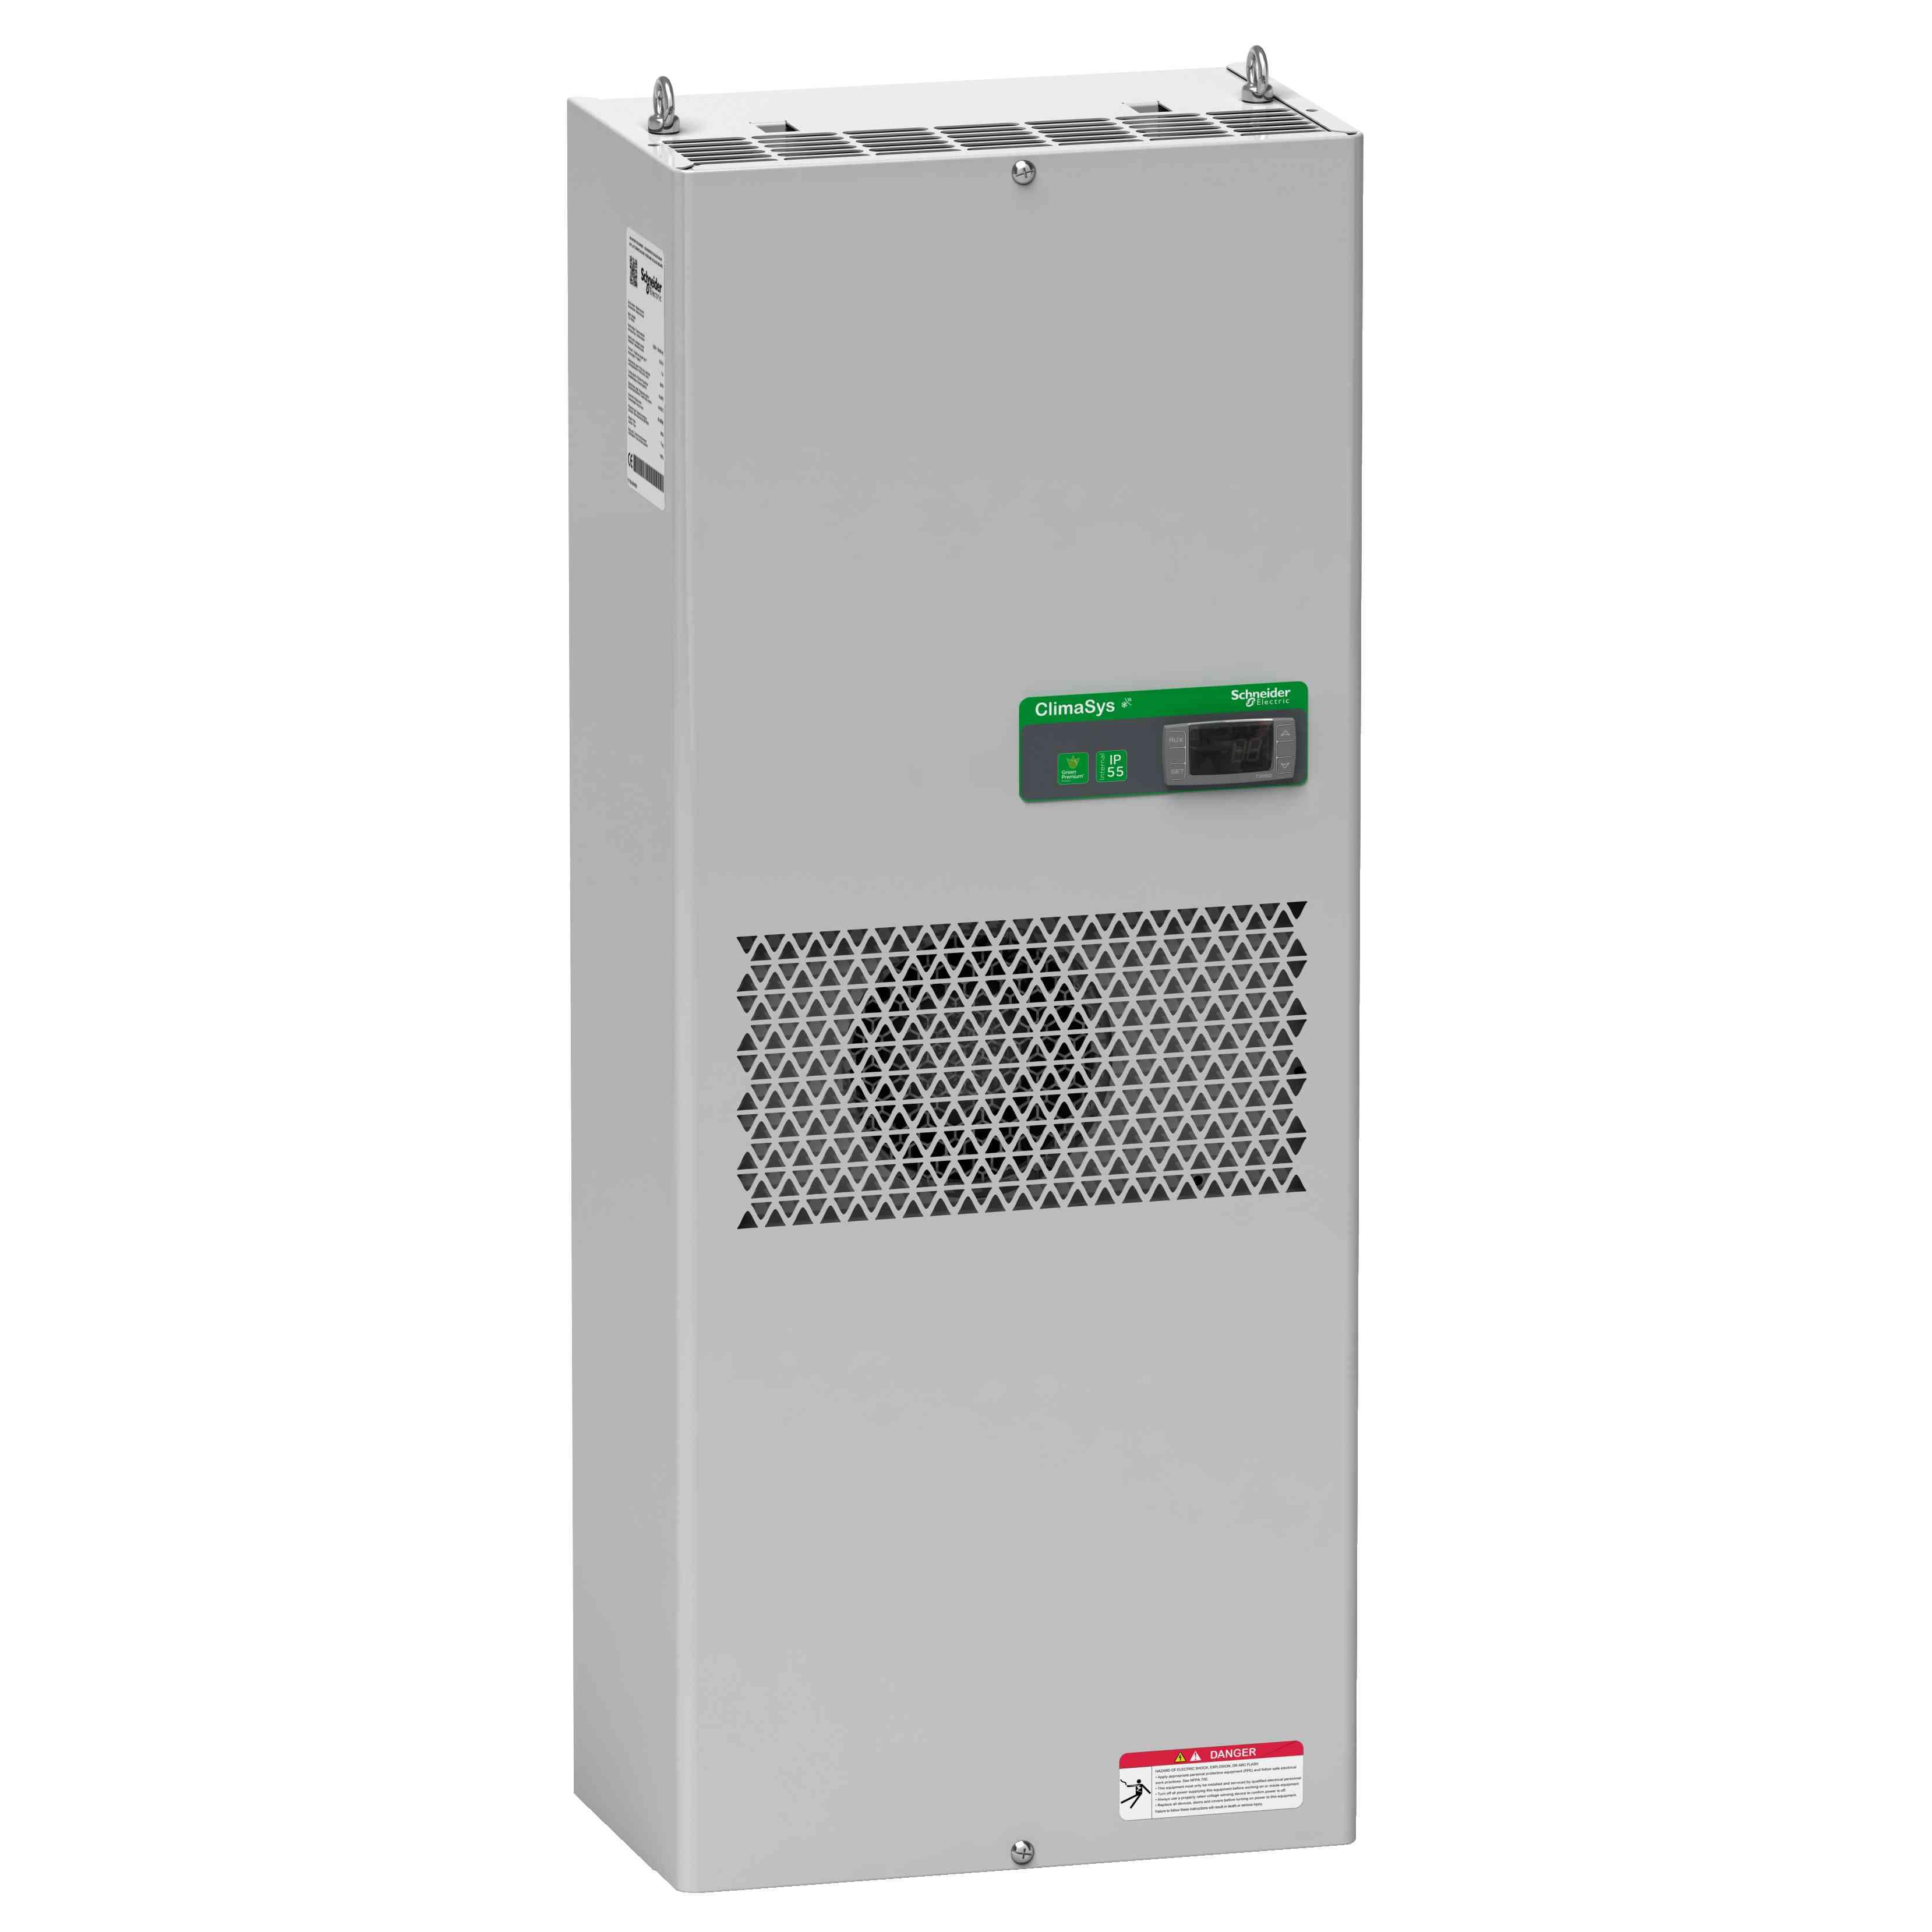 Standardna hladilna enota ClimaSys ob strani omare - 2000 W pri 400 V